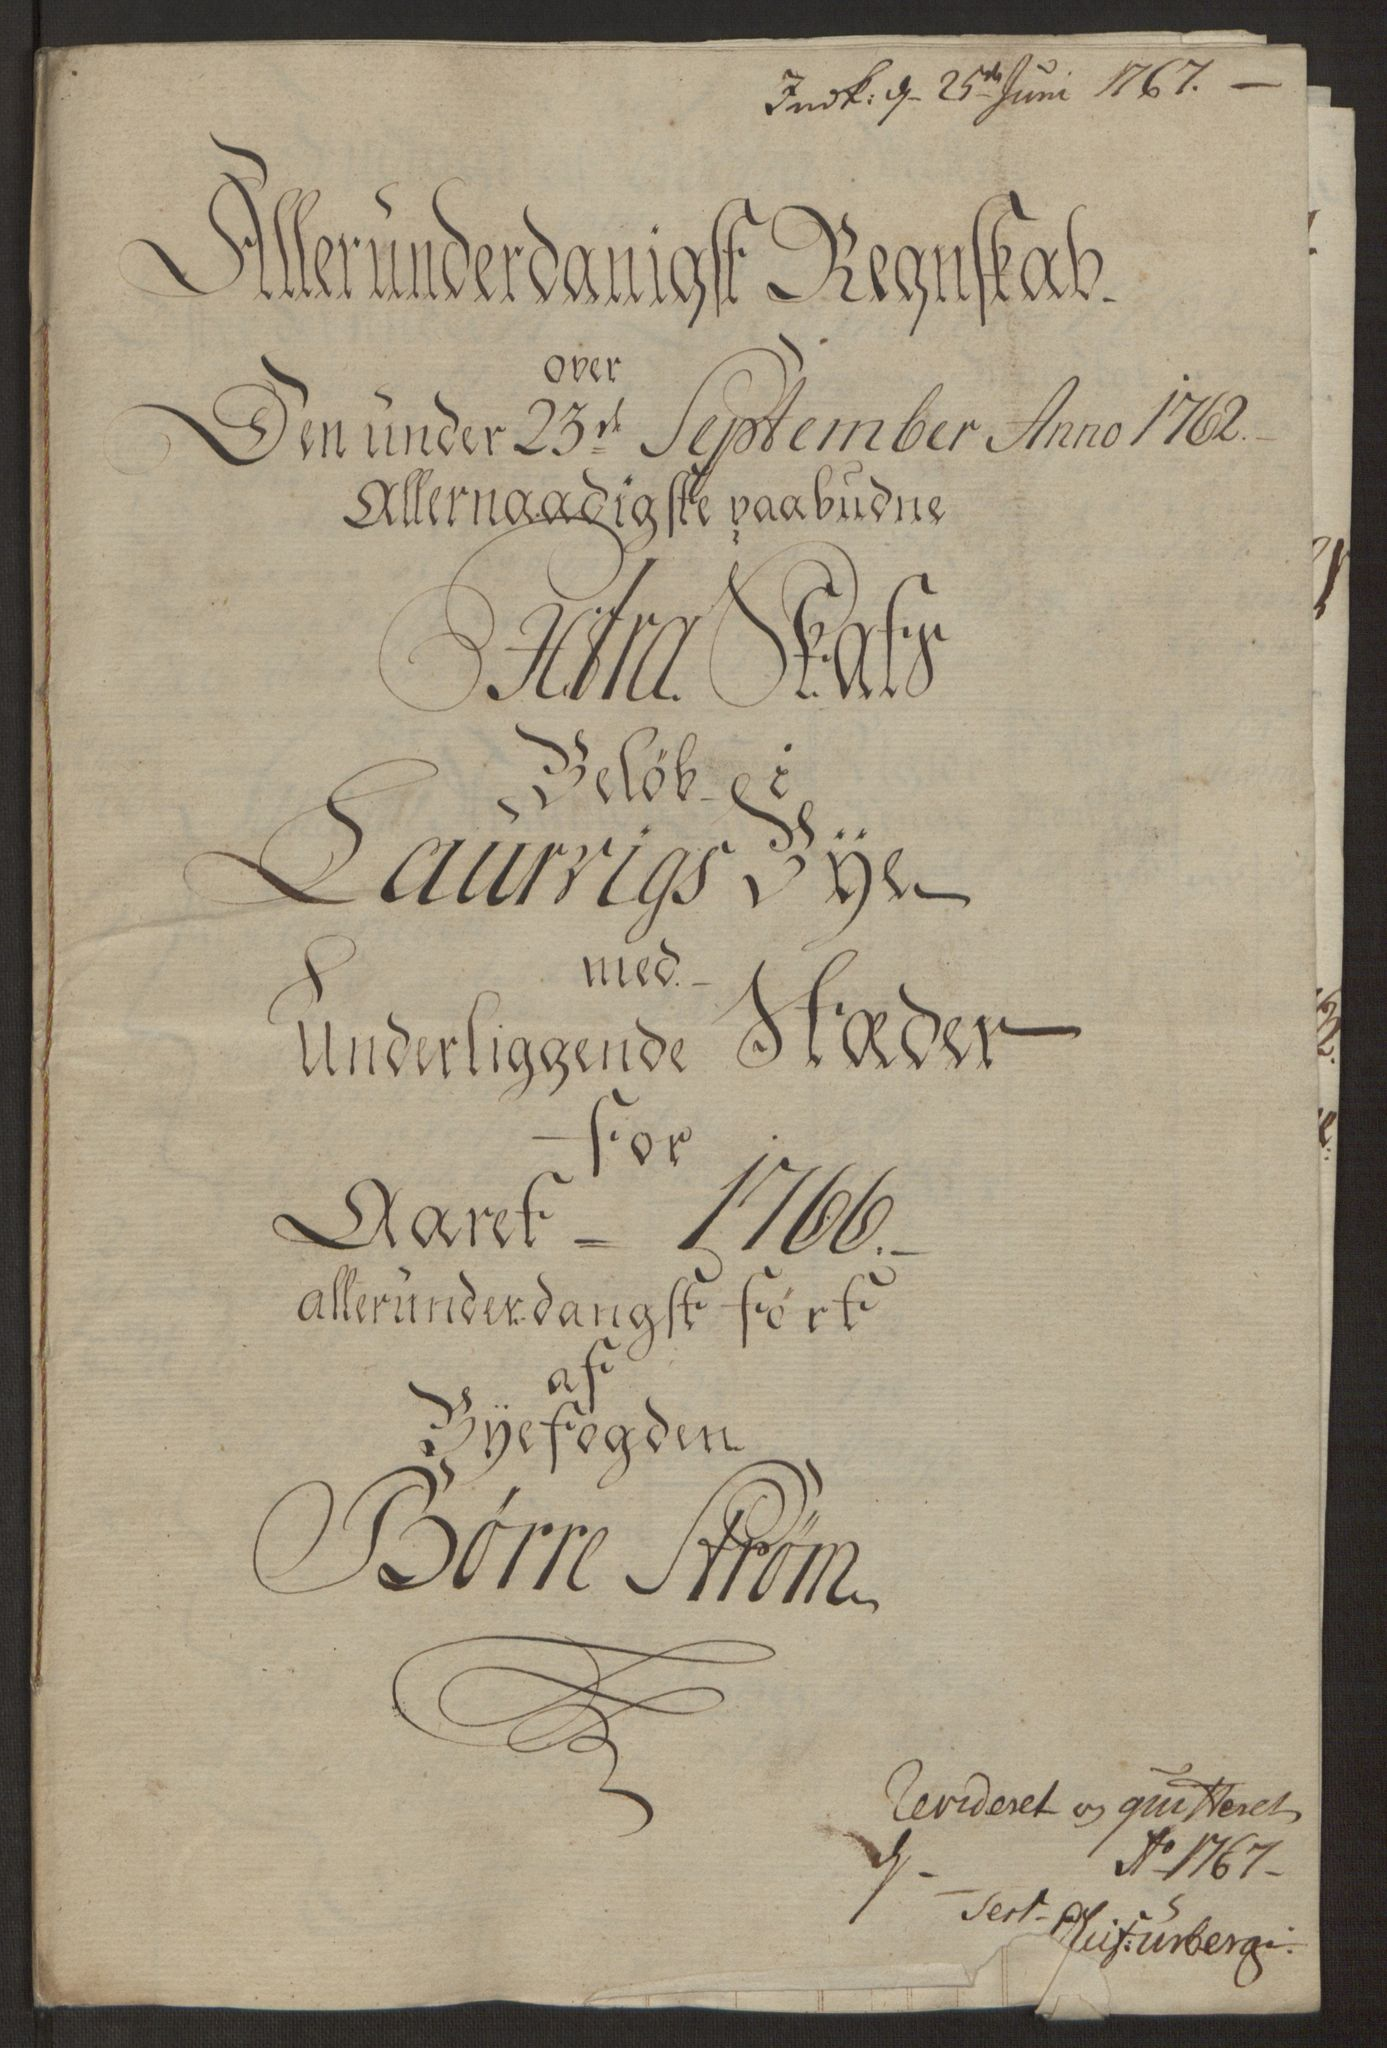 RA, Rentekammeret inntil 1814, Reviderte regnskaper, Byregnskaper, R/Ri/L0183: [I4] Kontribusjonsregnskap, 1762-1768, s. 314